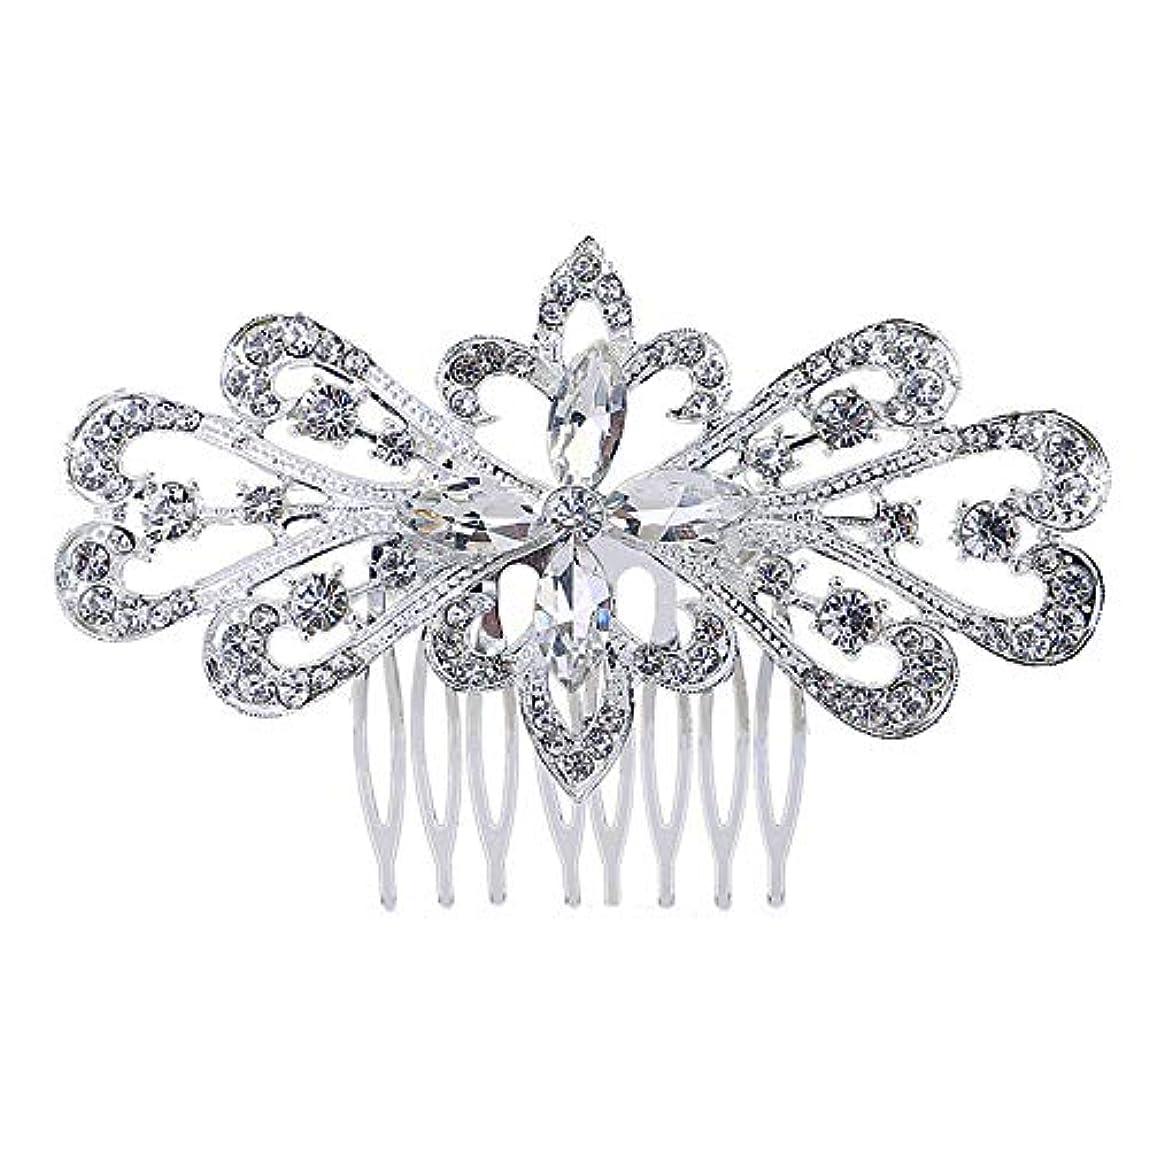 ベッド会社の慈悲で髪の櫛の櫛の櫛の花嫁の髪の櫛の花の髪の櫛のラインストーンの挿入物の櫛の合金の帽子の結婚式のアクセサリー